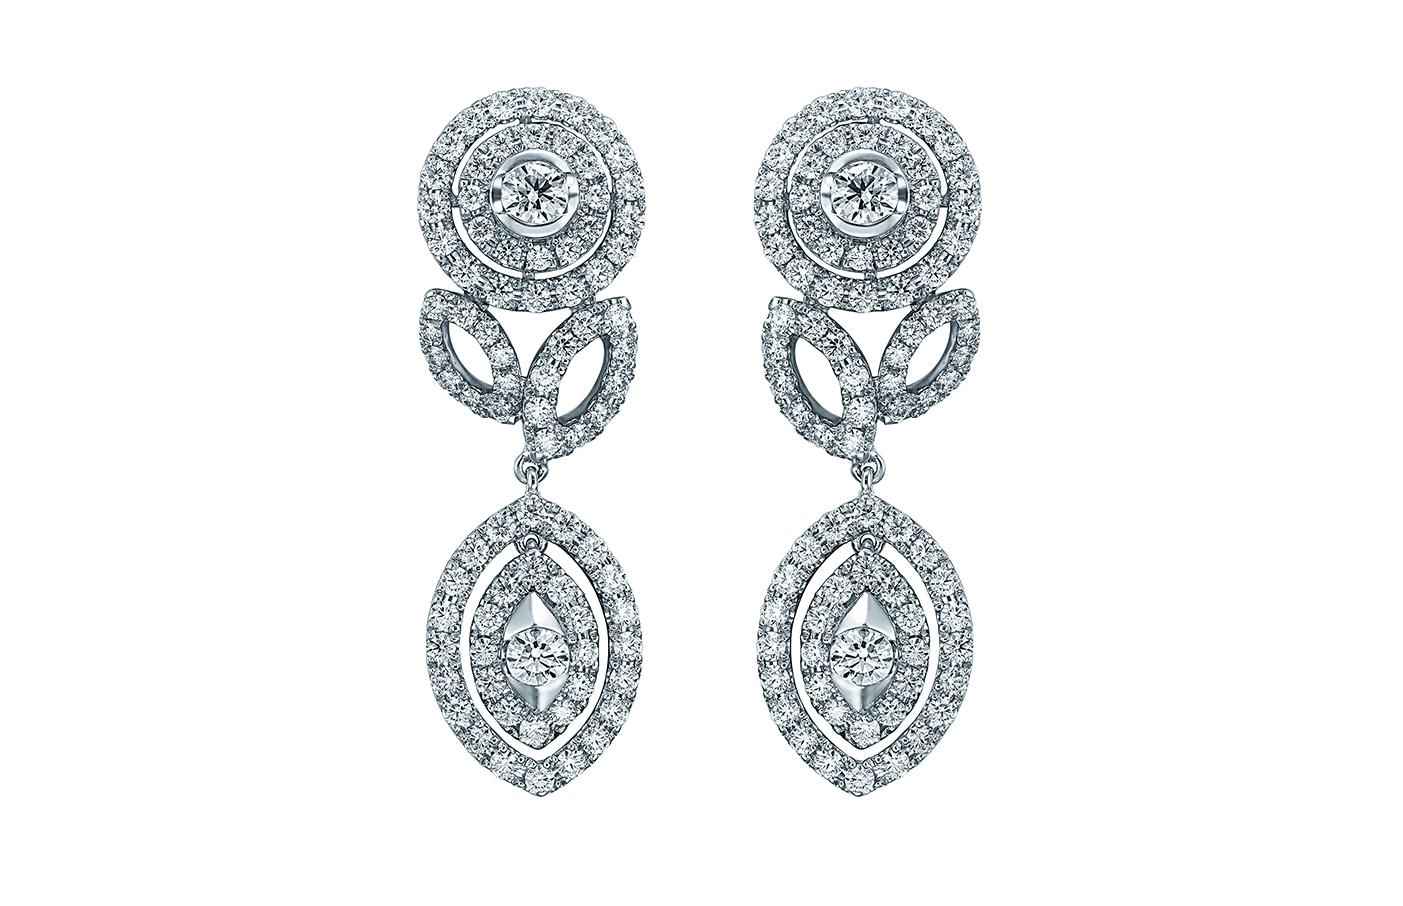 妍雅系列盛姿耳環,鑲有168顆共重4.274卡鑽石。一顆顆璀璨麗澤美鑽排列出初開的花卉,讓人眩目着迷。